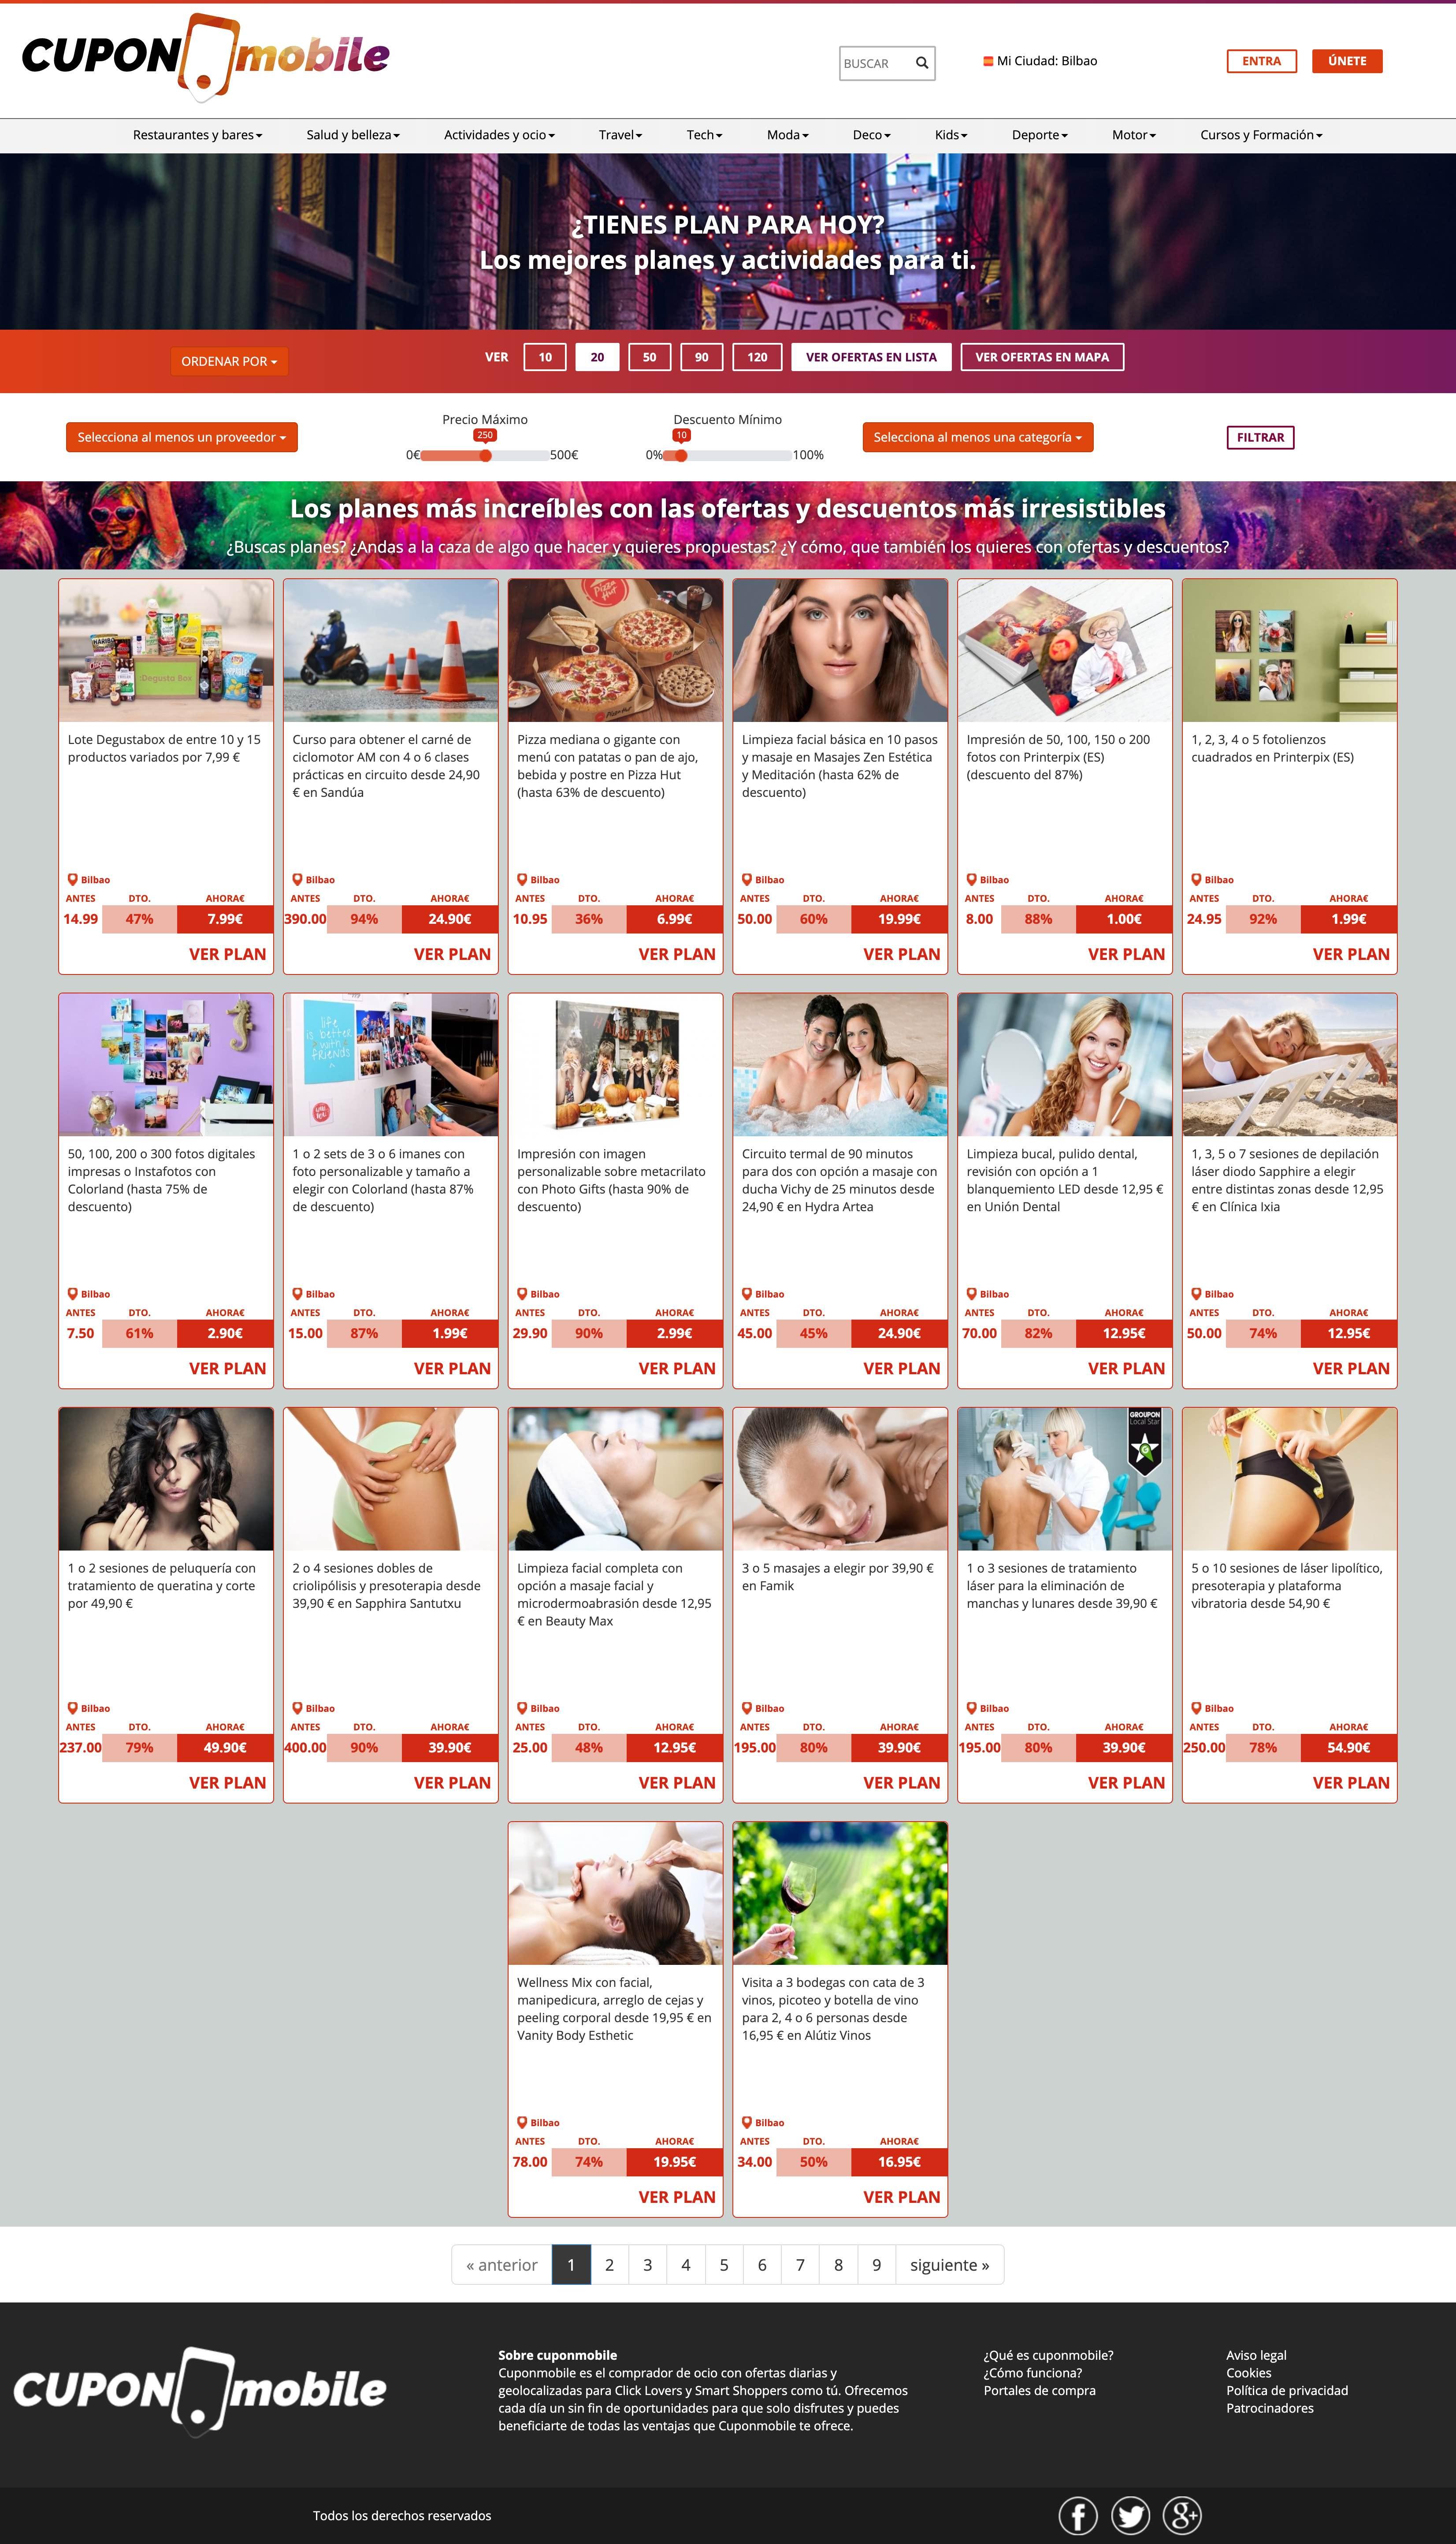 cuponmobile.com_es_bilbao_web_2_w